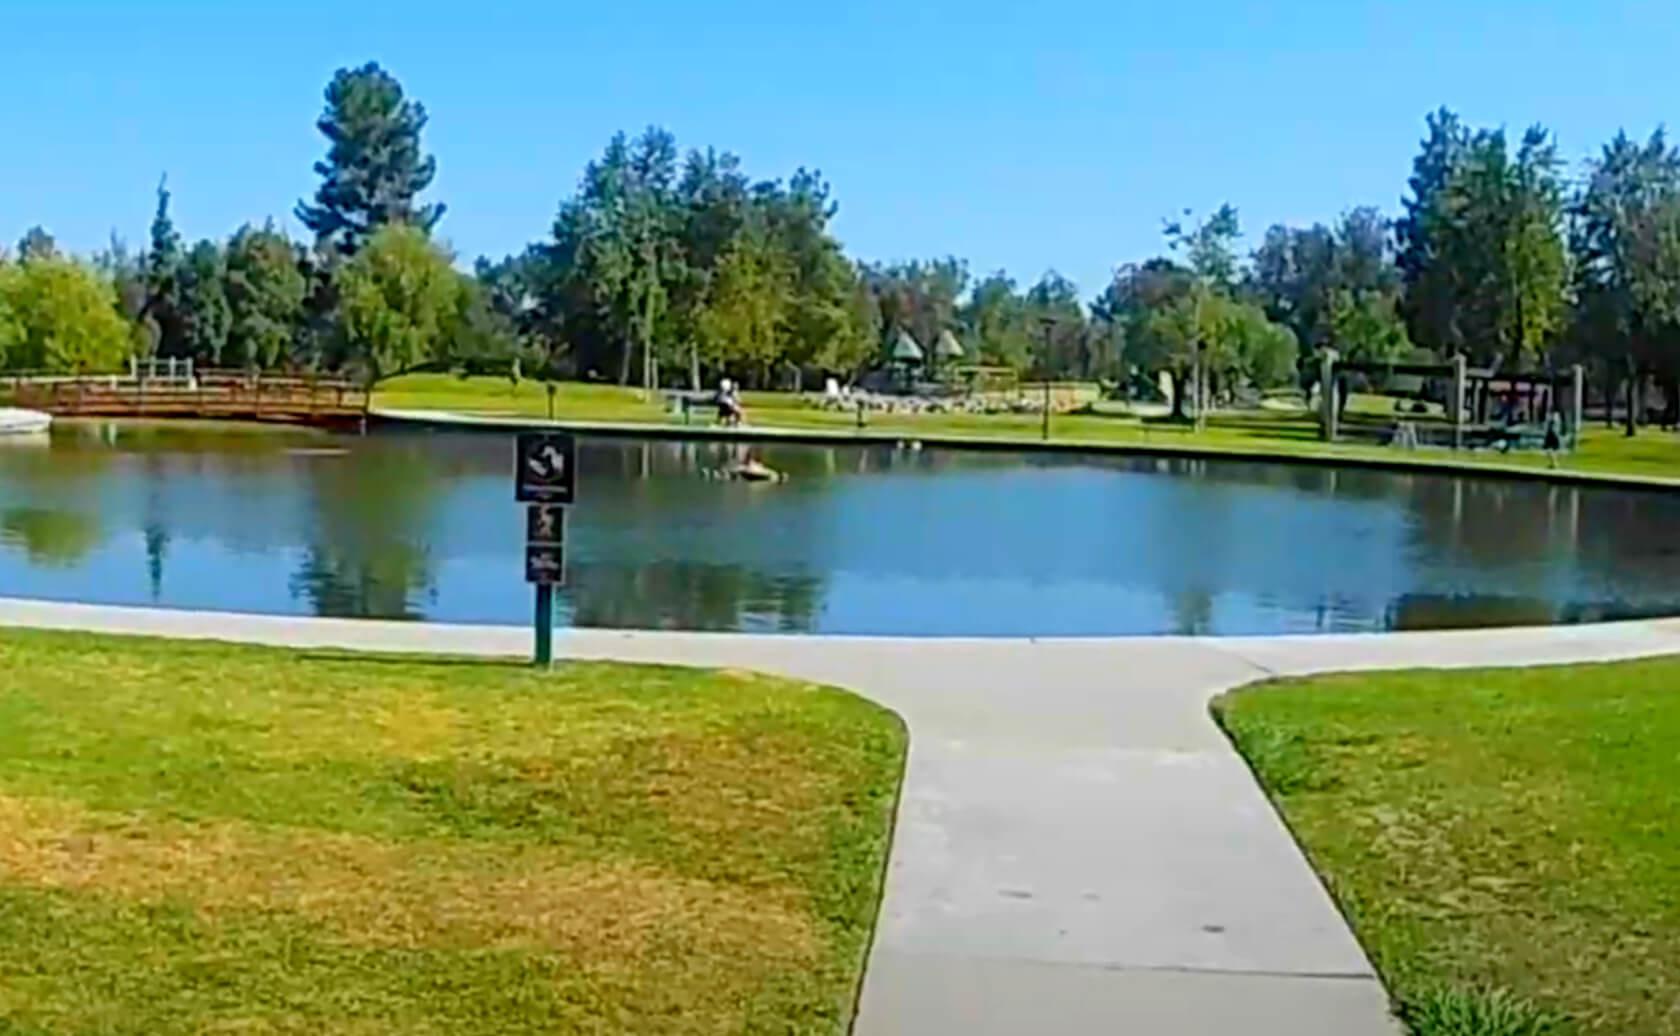 Craig-Regional-Park-Lake-Fishing-Guide-Report-Fullerton-CA-06